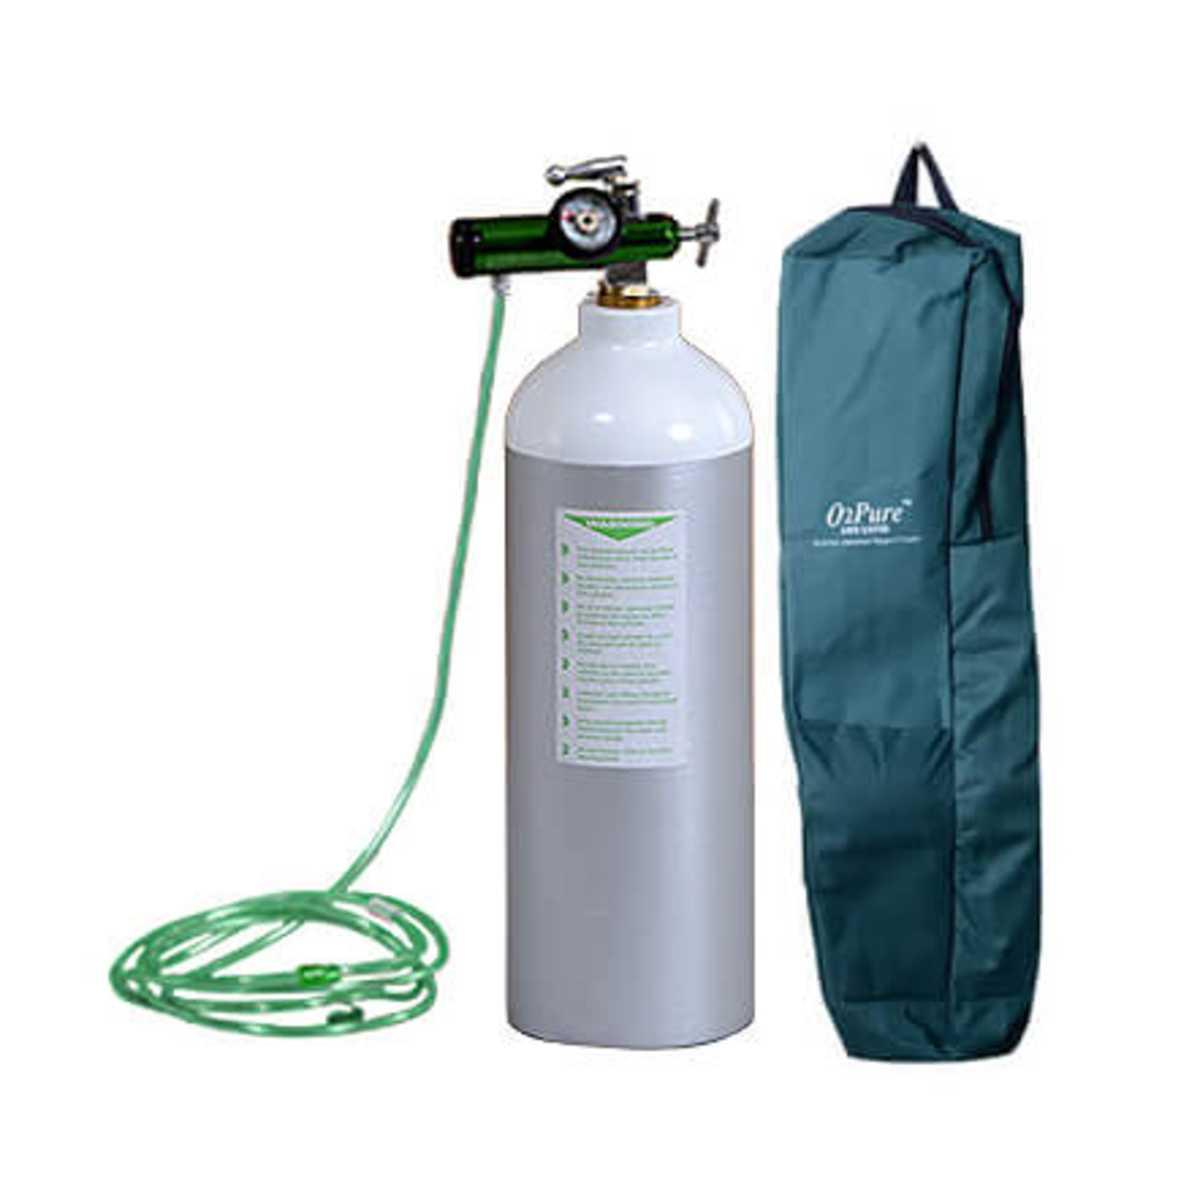 Oxygen Cylinder 1.8 Ltr